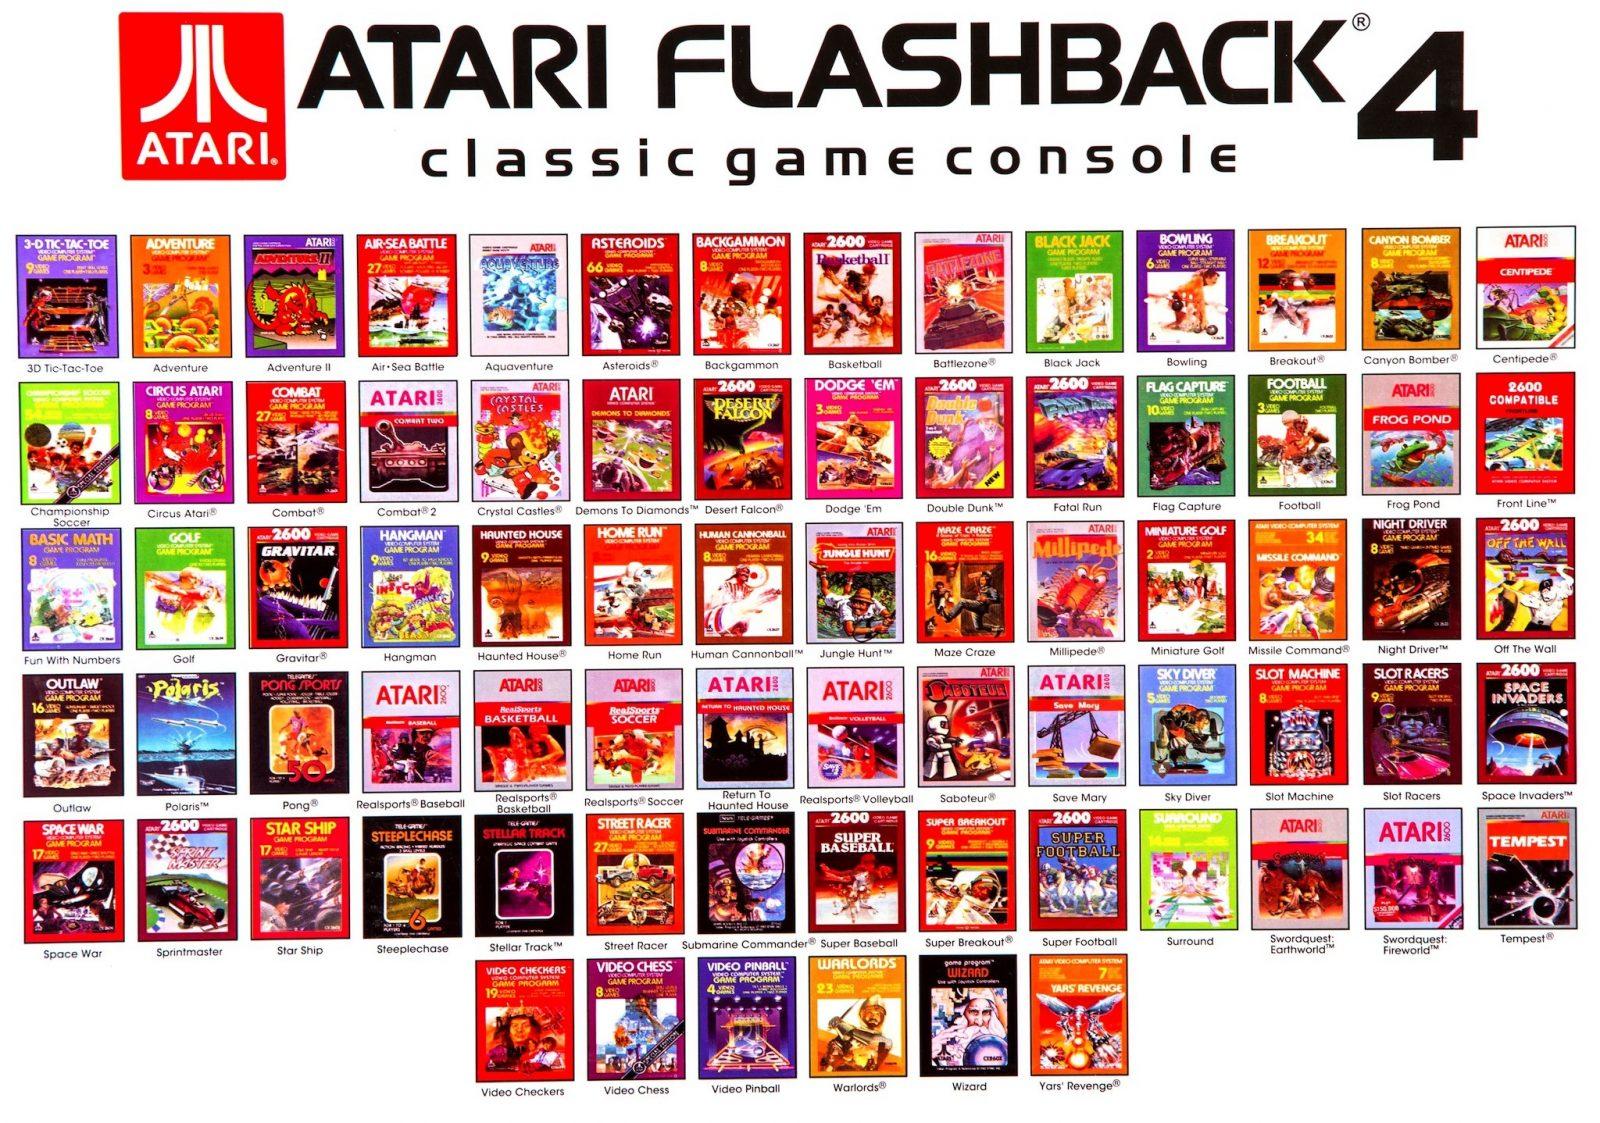 Games_Atari1.jpg